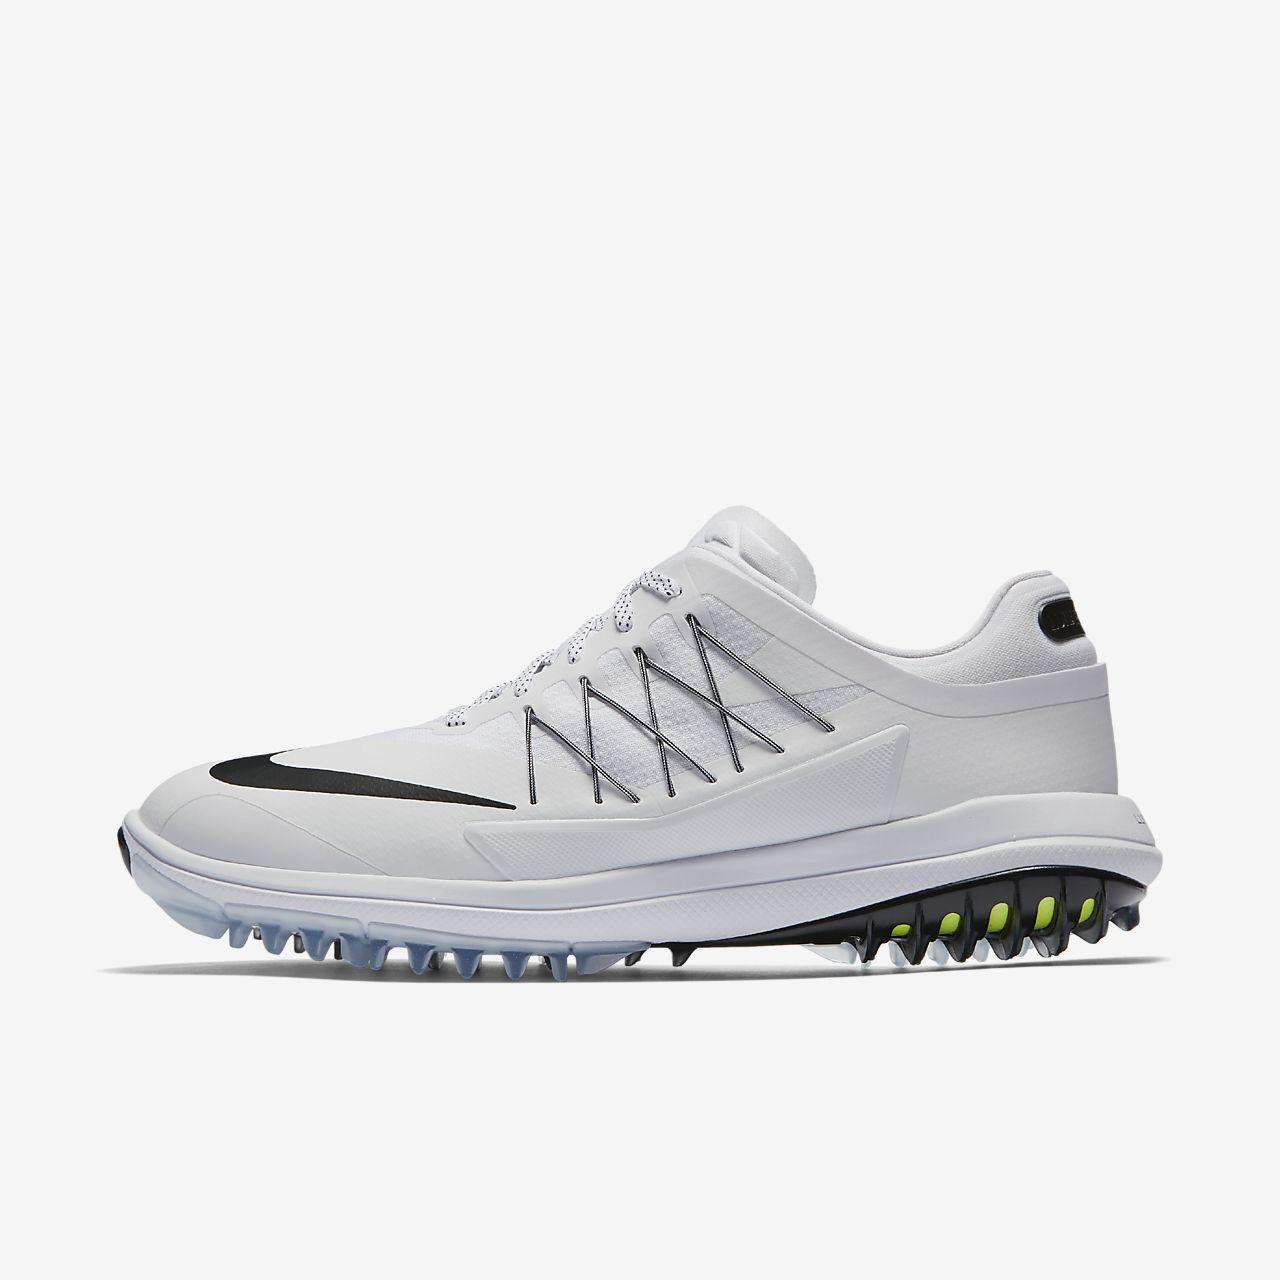 Nike Lunar Control Vapor (Wide) Women's Golf Shoe